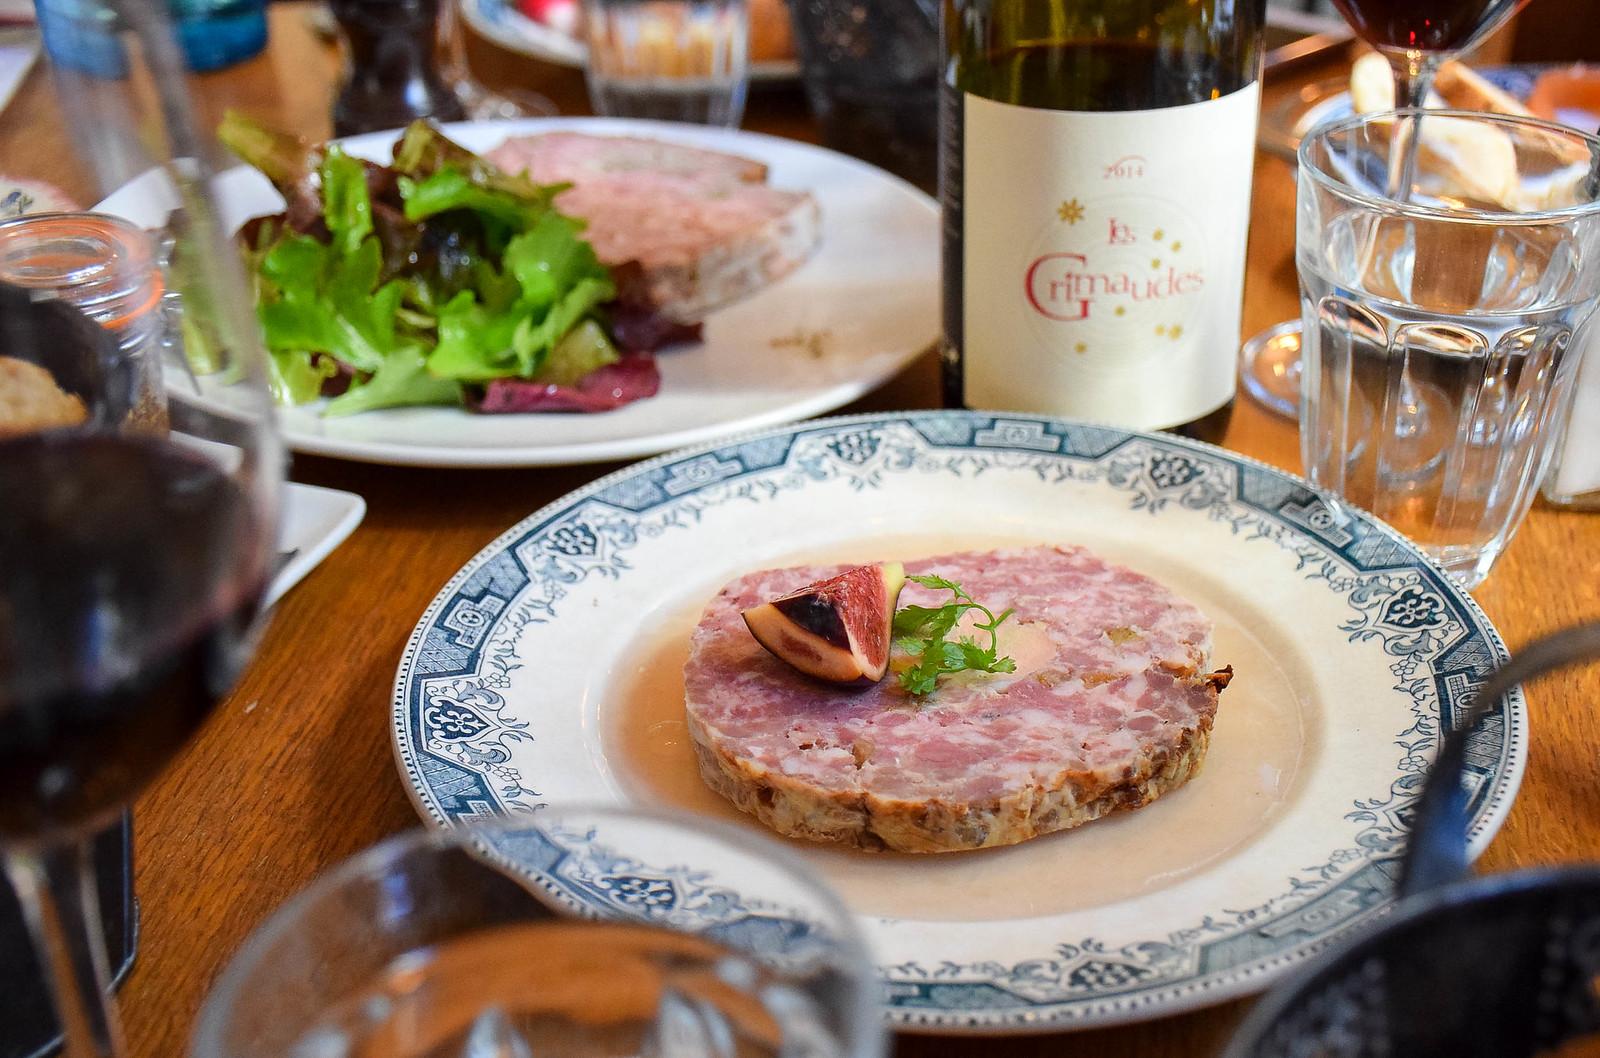 Paris food tour